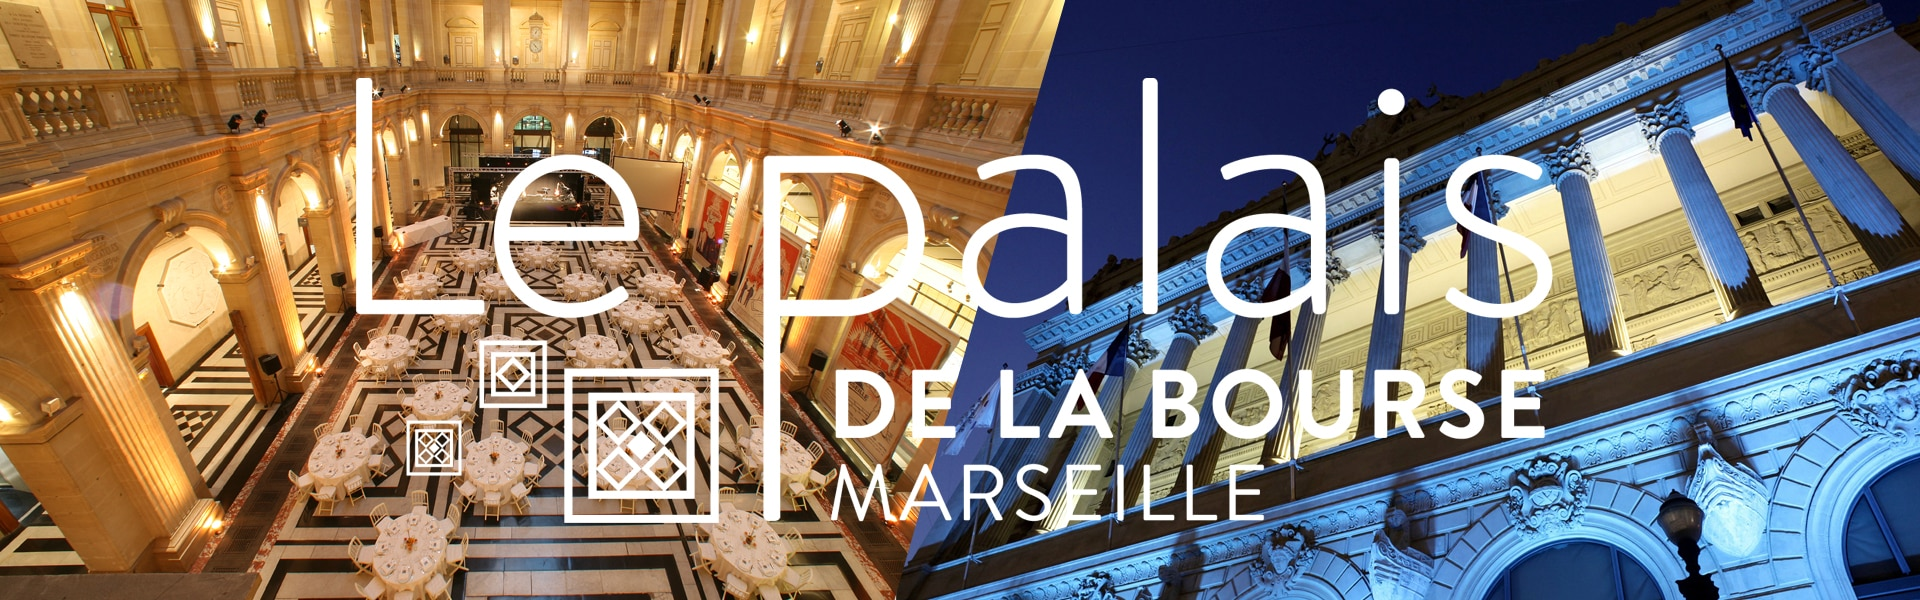 Centre de congrès & Meetings à Marseille - Palais de la Bourse